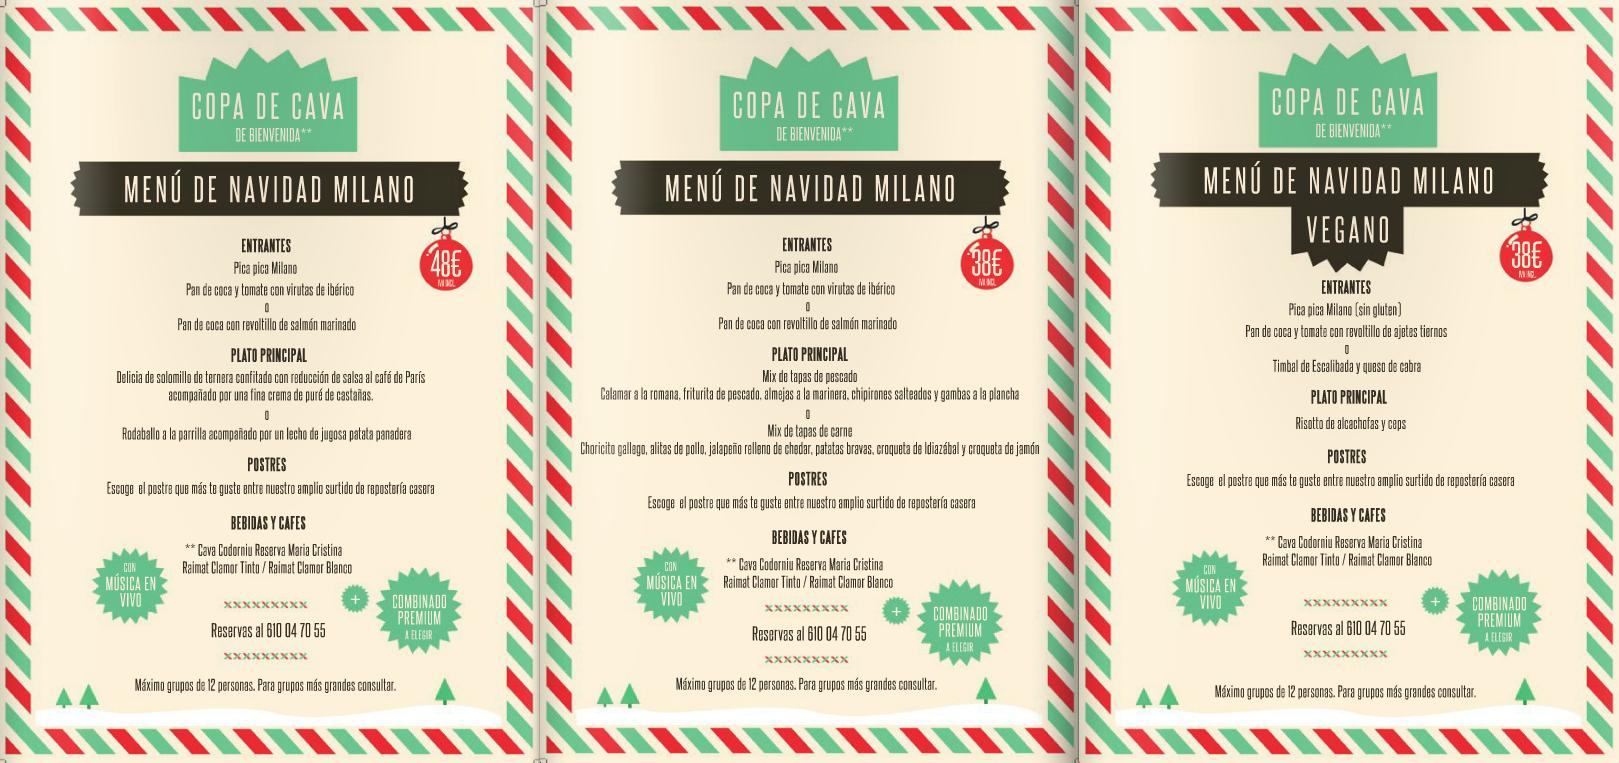 Cenas de navidad para grupos y empresas for Menu de cenas